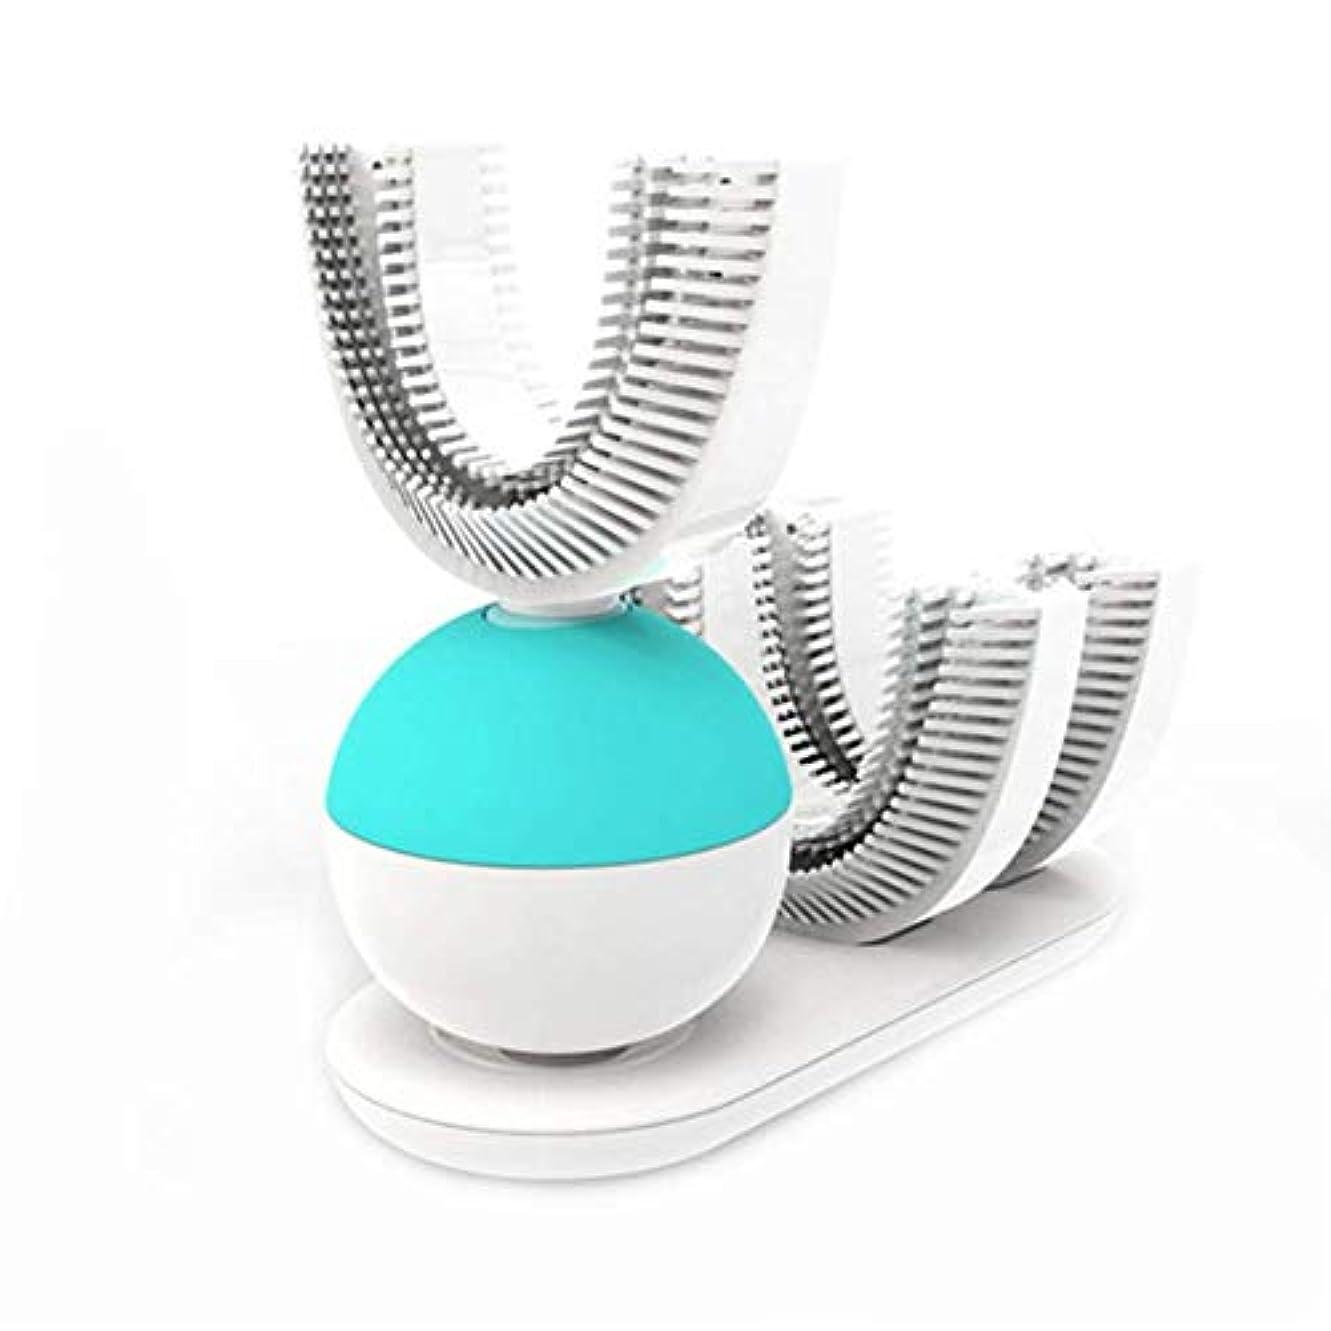 理解するルアー患者歯のホワイトニングキット敏感な歯、10分の急行結果、汚れリムーバー非感受性、口トレイ